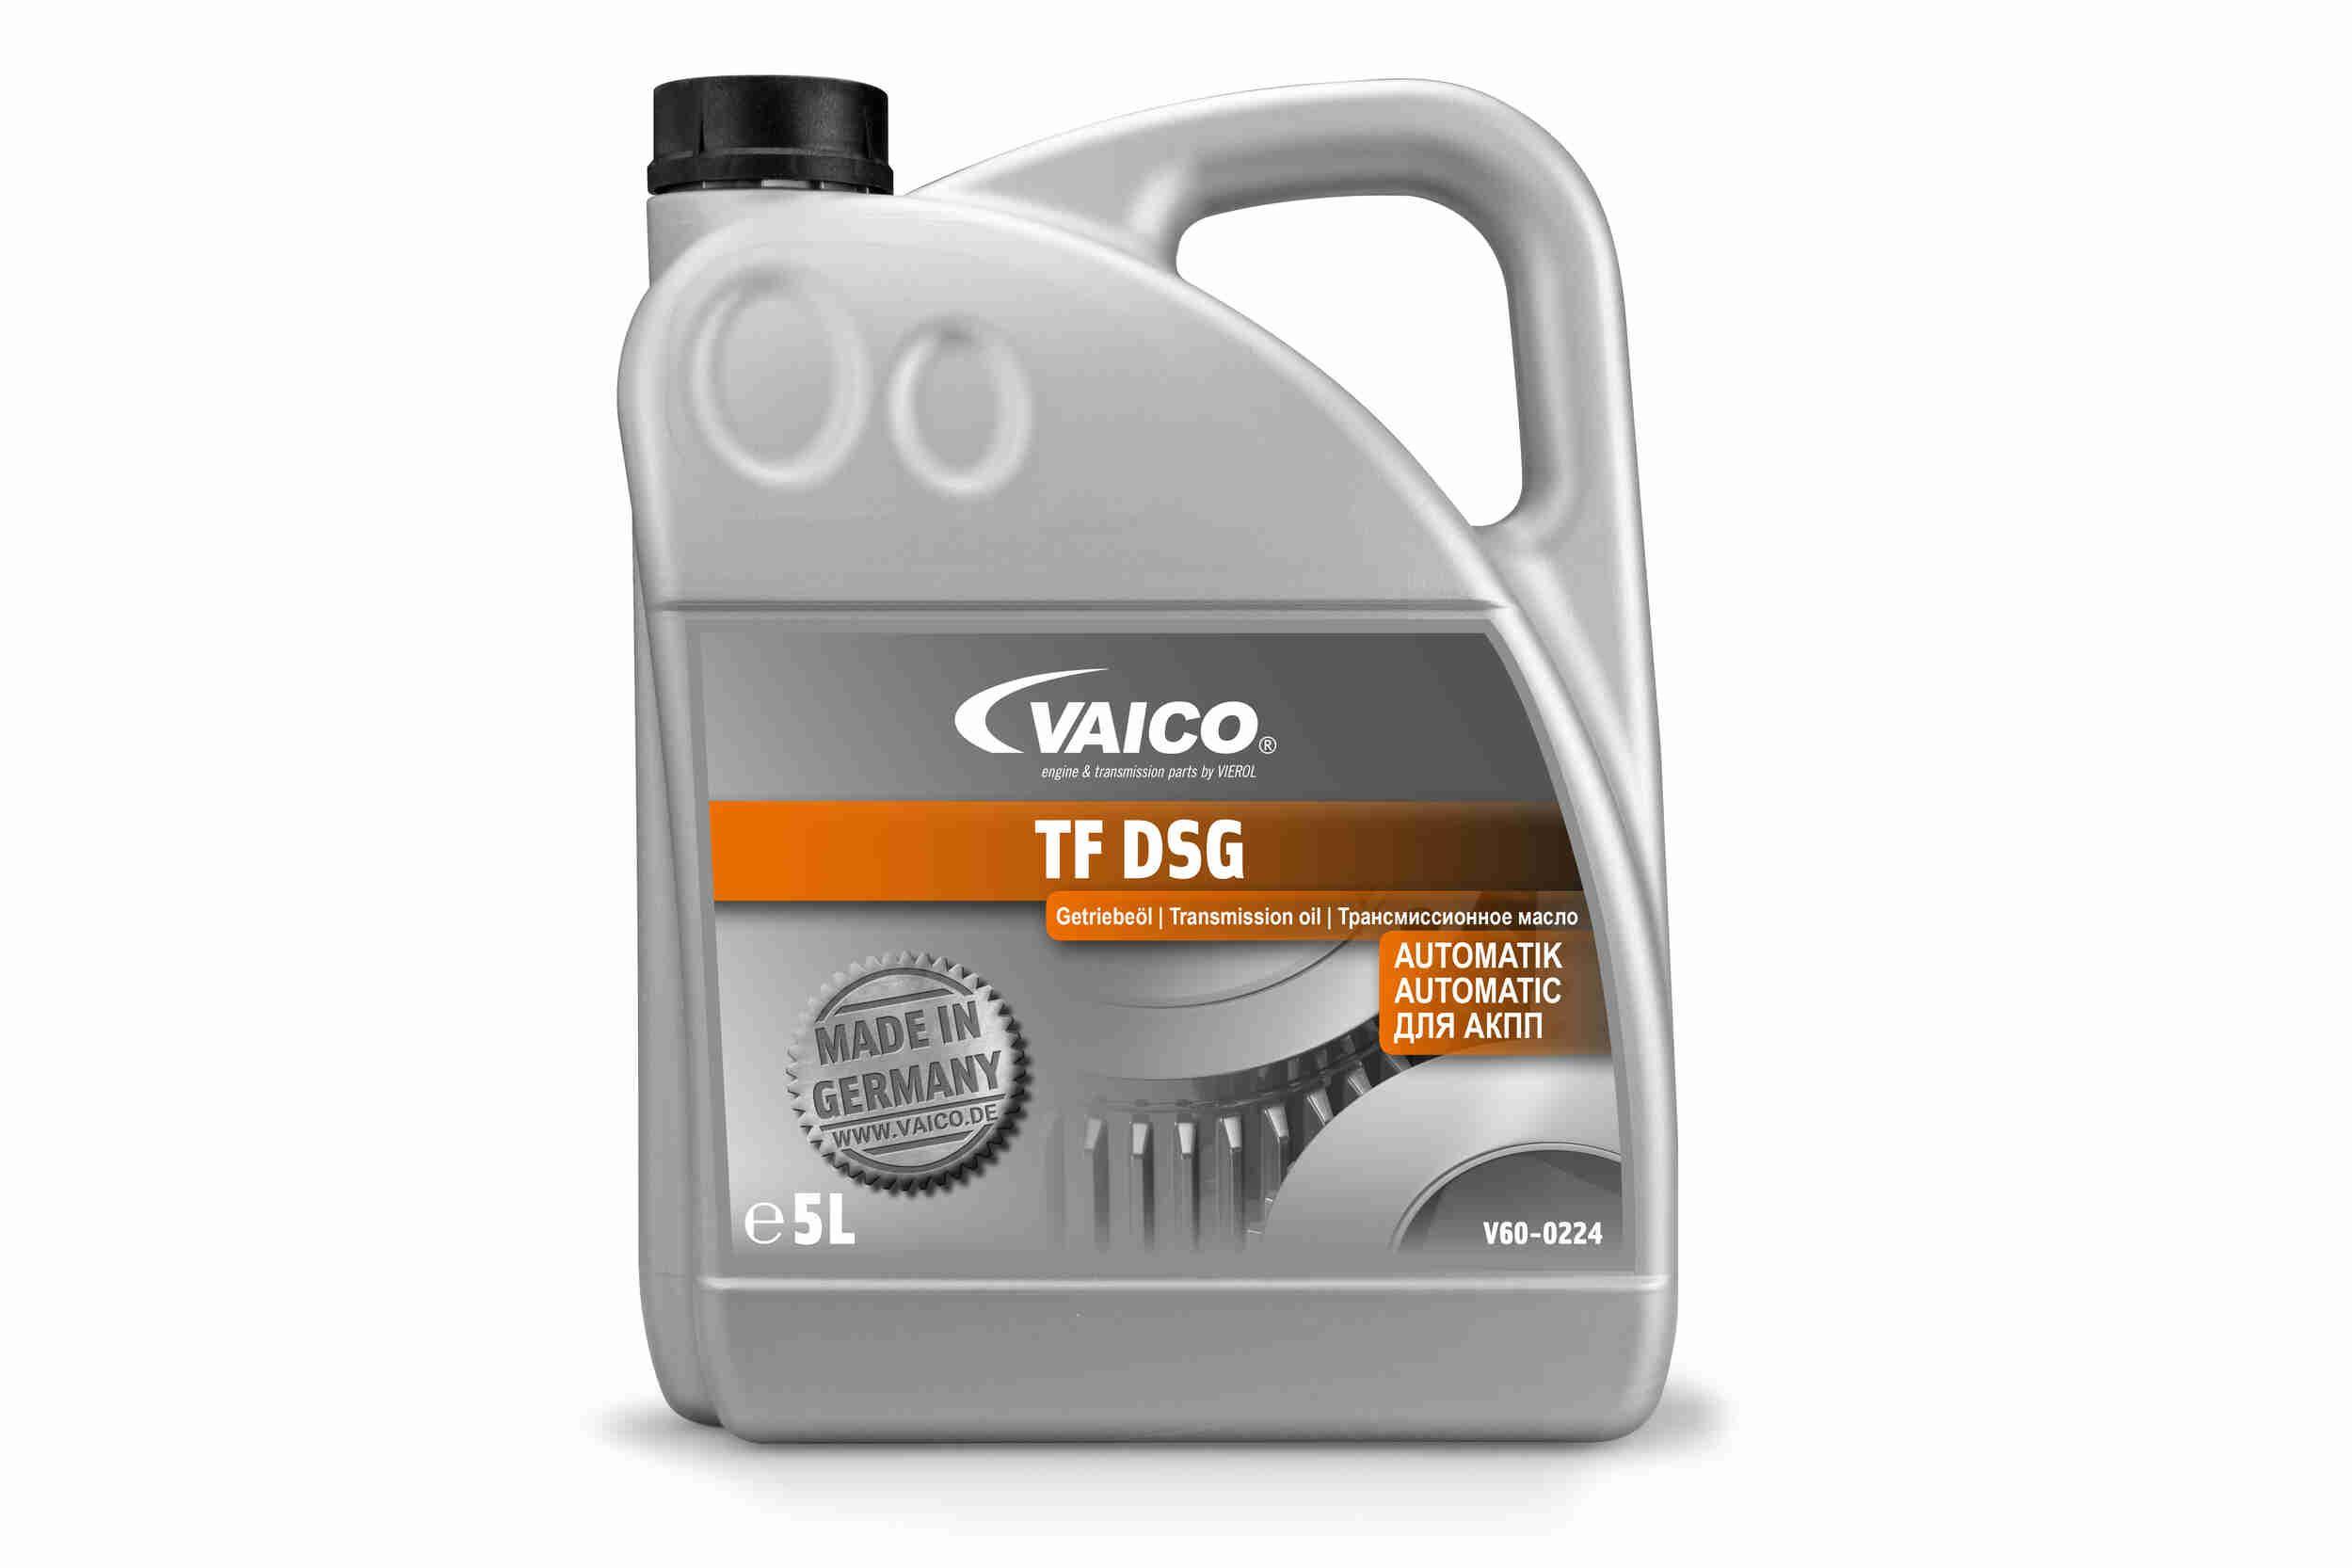 Карданни валове и диференциали V60-0224 с добро VAICO съотношение цена-качество